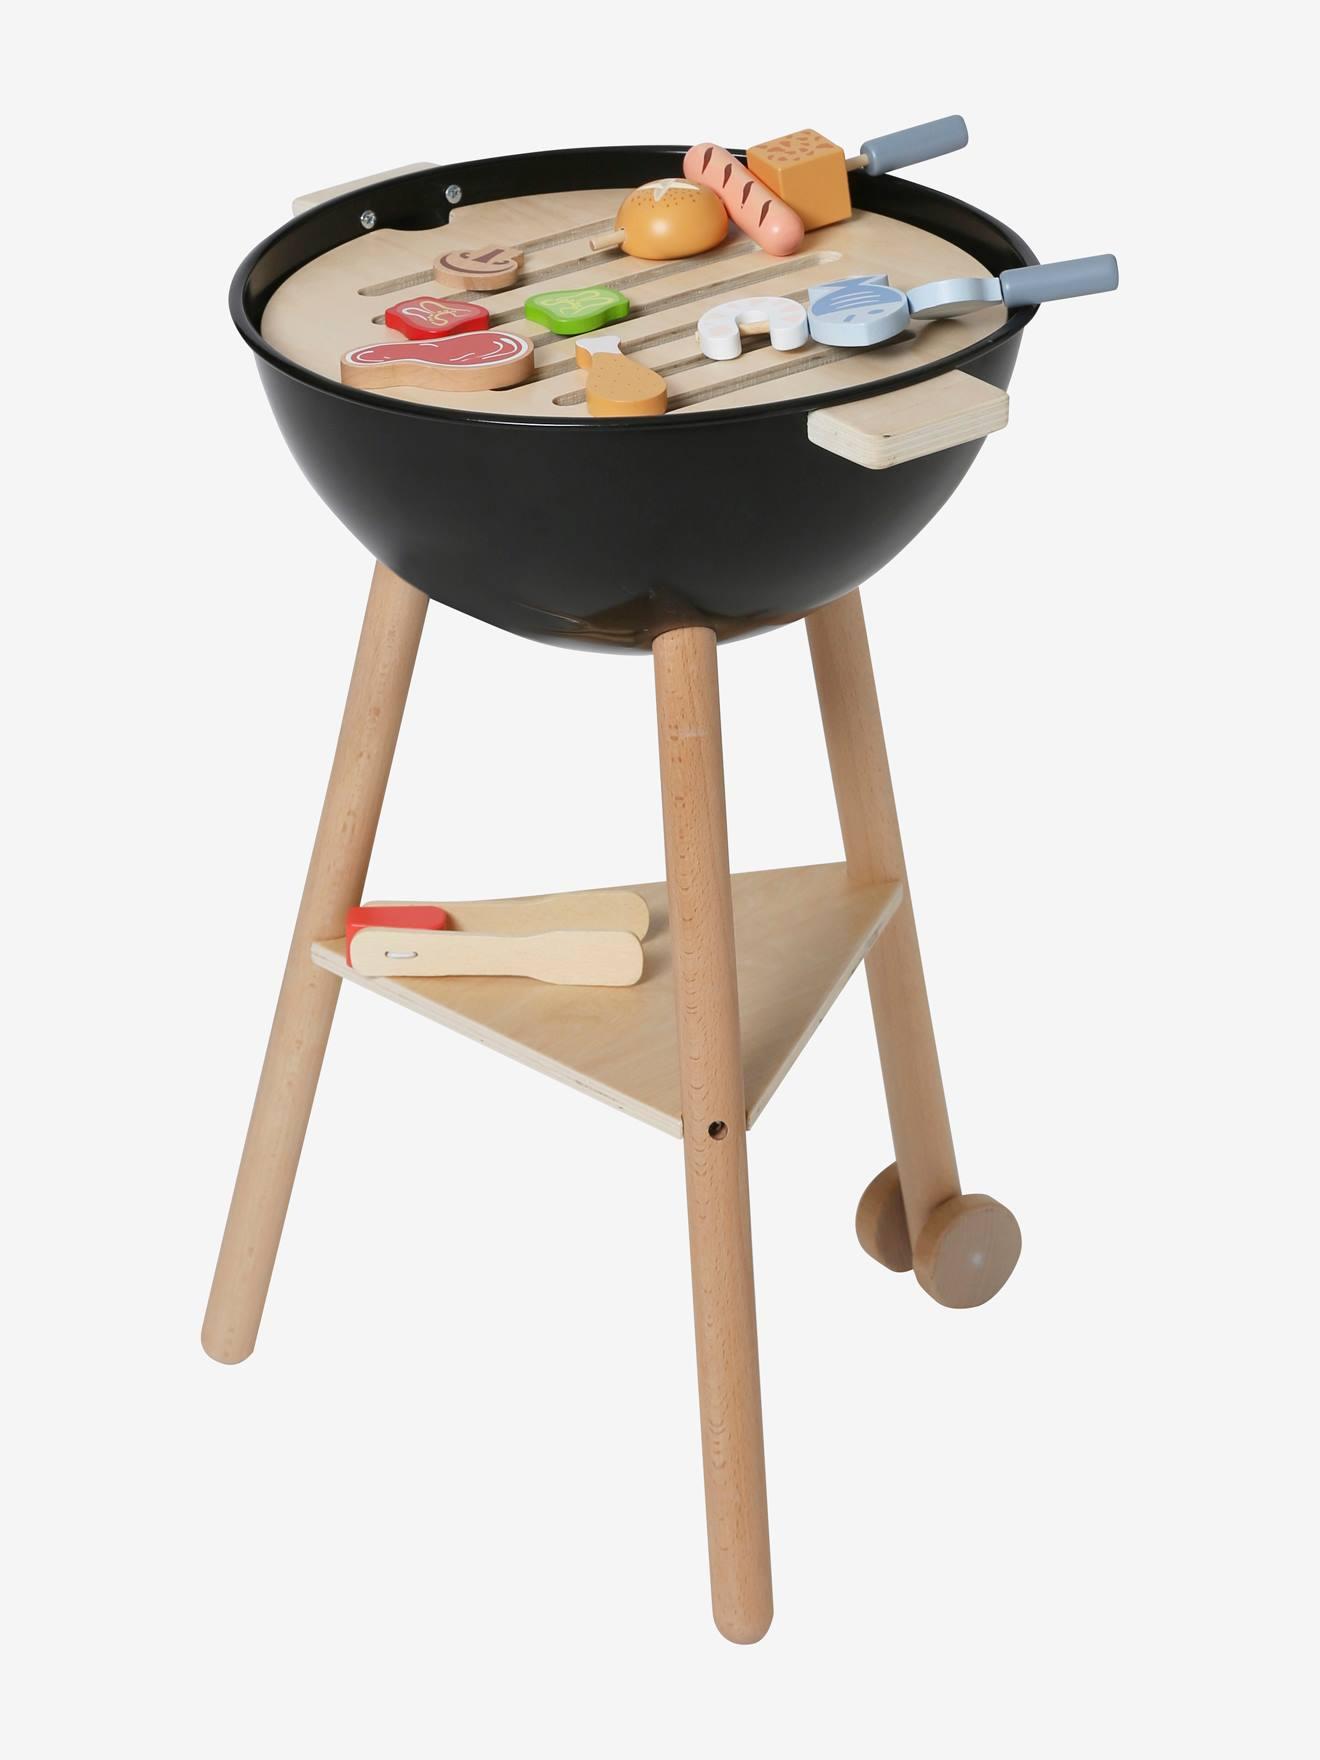 Zum Vatertag 50% Rabatt auf den Spielzeug-Grill aus Holz bei [vertbaudet]